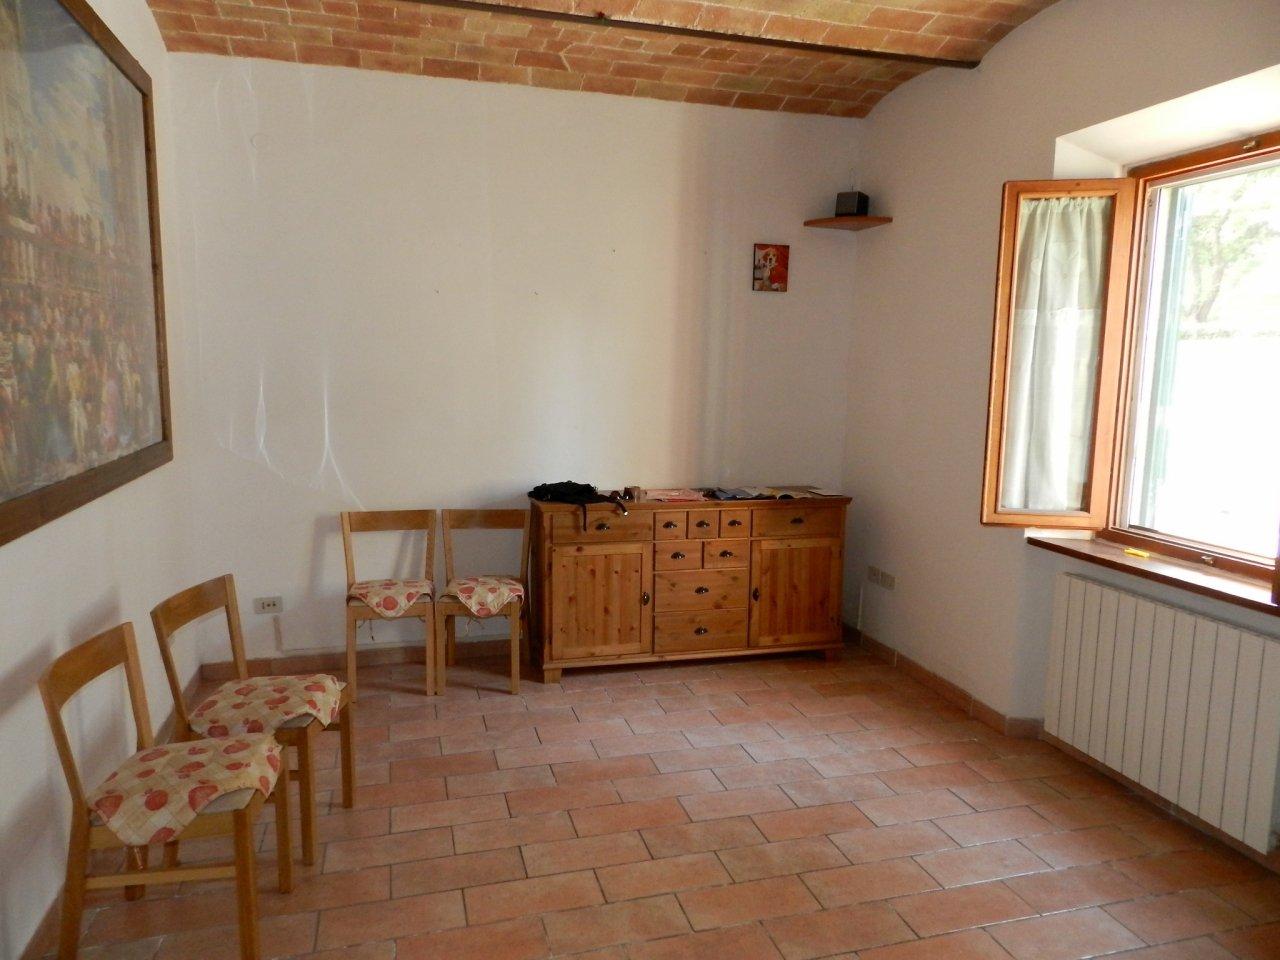 esterno-APPARTAMENTO INDIPENDENTE-in-vendita-Castelnuovo M.dia-R0917